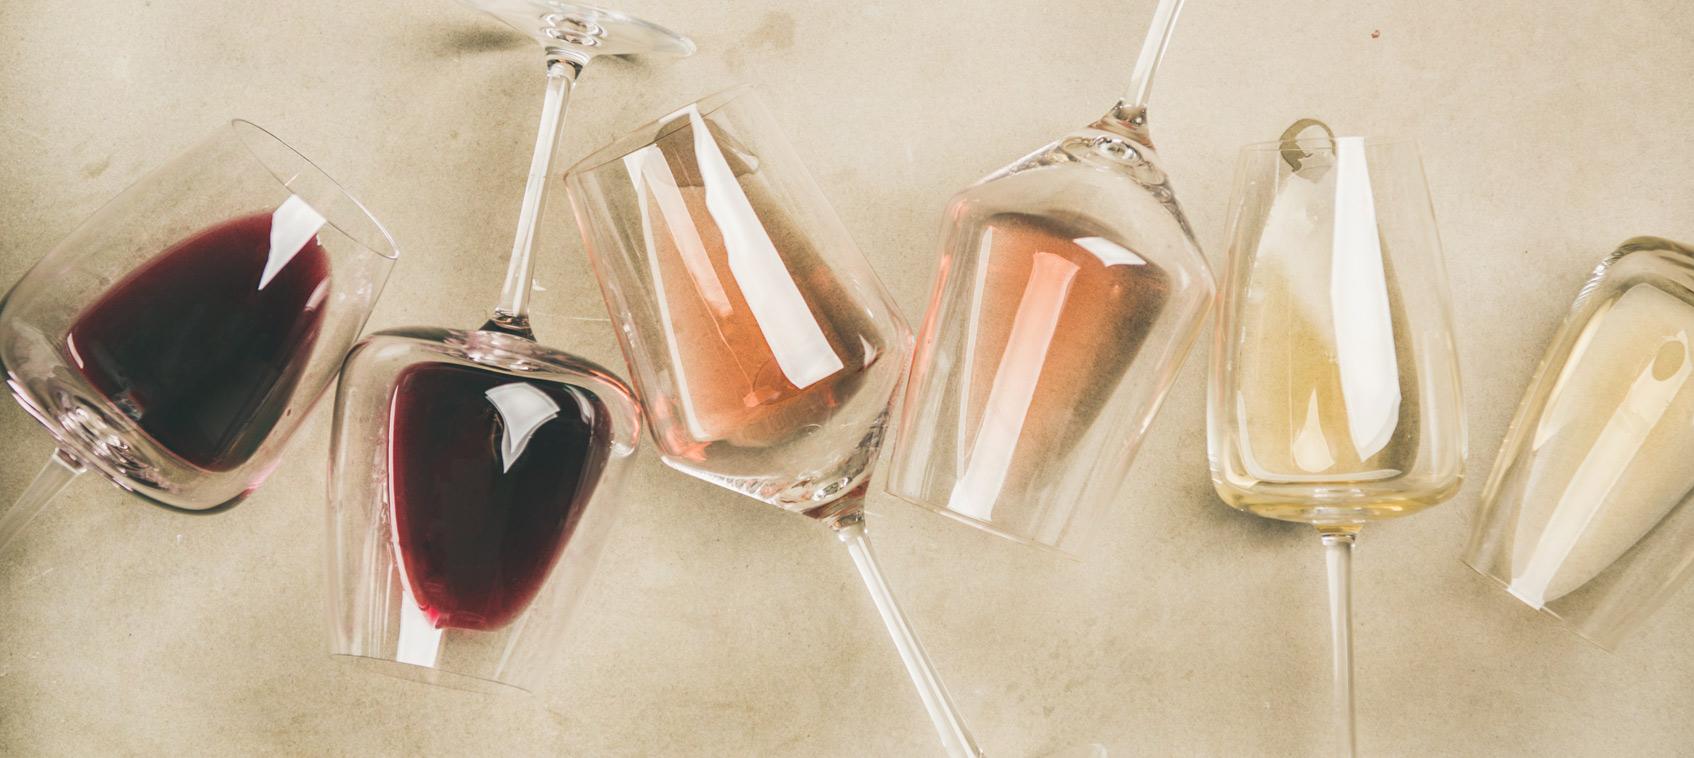 Как выбрать вино, советы сомелье